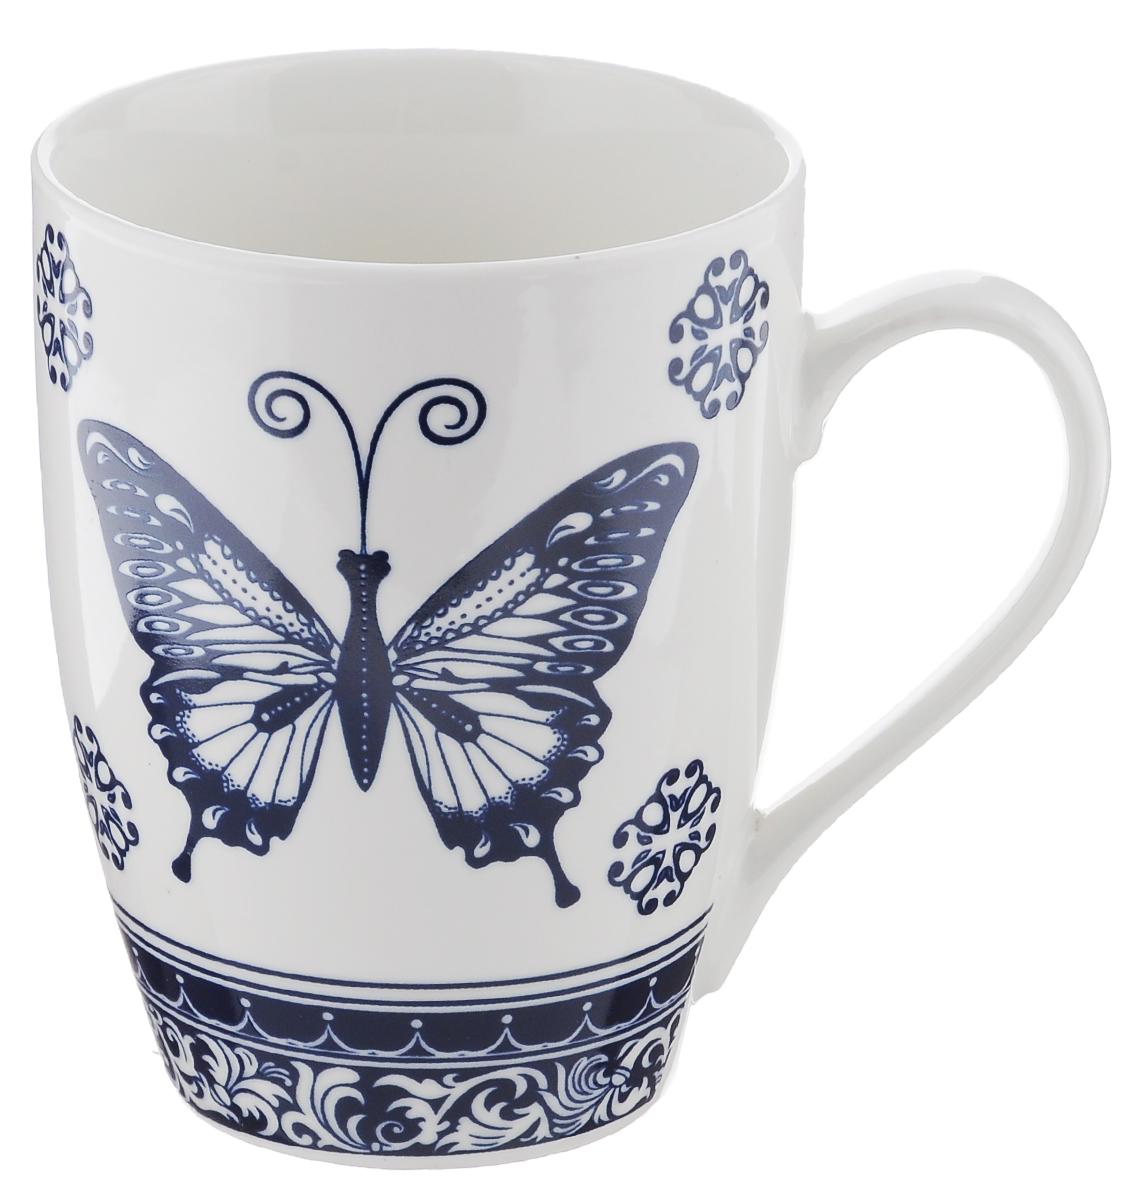 Кружка Miolla, цвет: белый, синий, 340 мл. 2010060U-1115510Оригинальная кружка Miolla, выполненная из фарфора, сочетает в себе изысканный дизайн с максимальной функциональностью. Кружка украшена оригинальным выразительным рисунком.Красочность оформления кружки придется по вкусу и ценителям классики, и тем, кто предпочитает утонченность и изысканность.Диаметр (по верхнему краю): 8 см. Высота: 11 см. Объем: 340 мл.